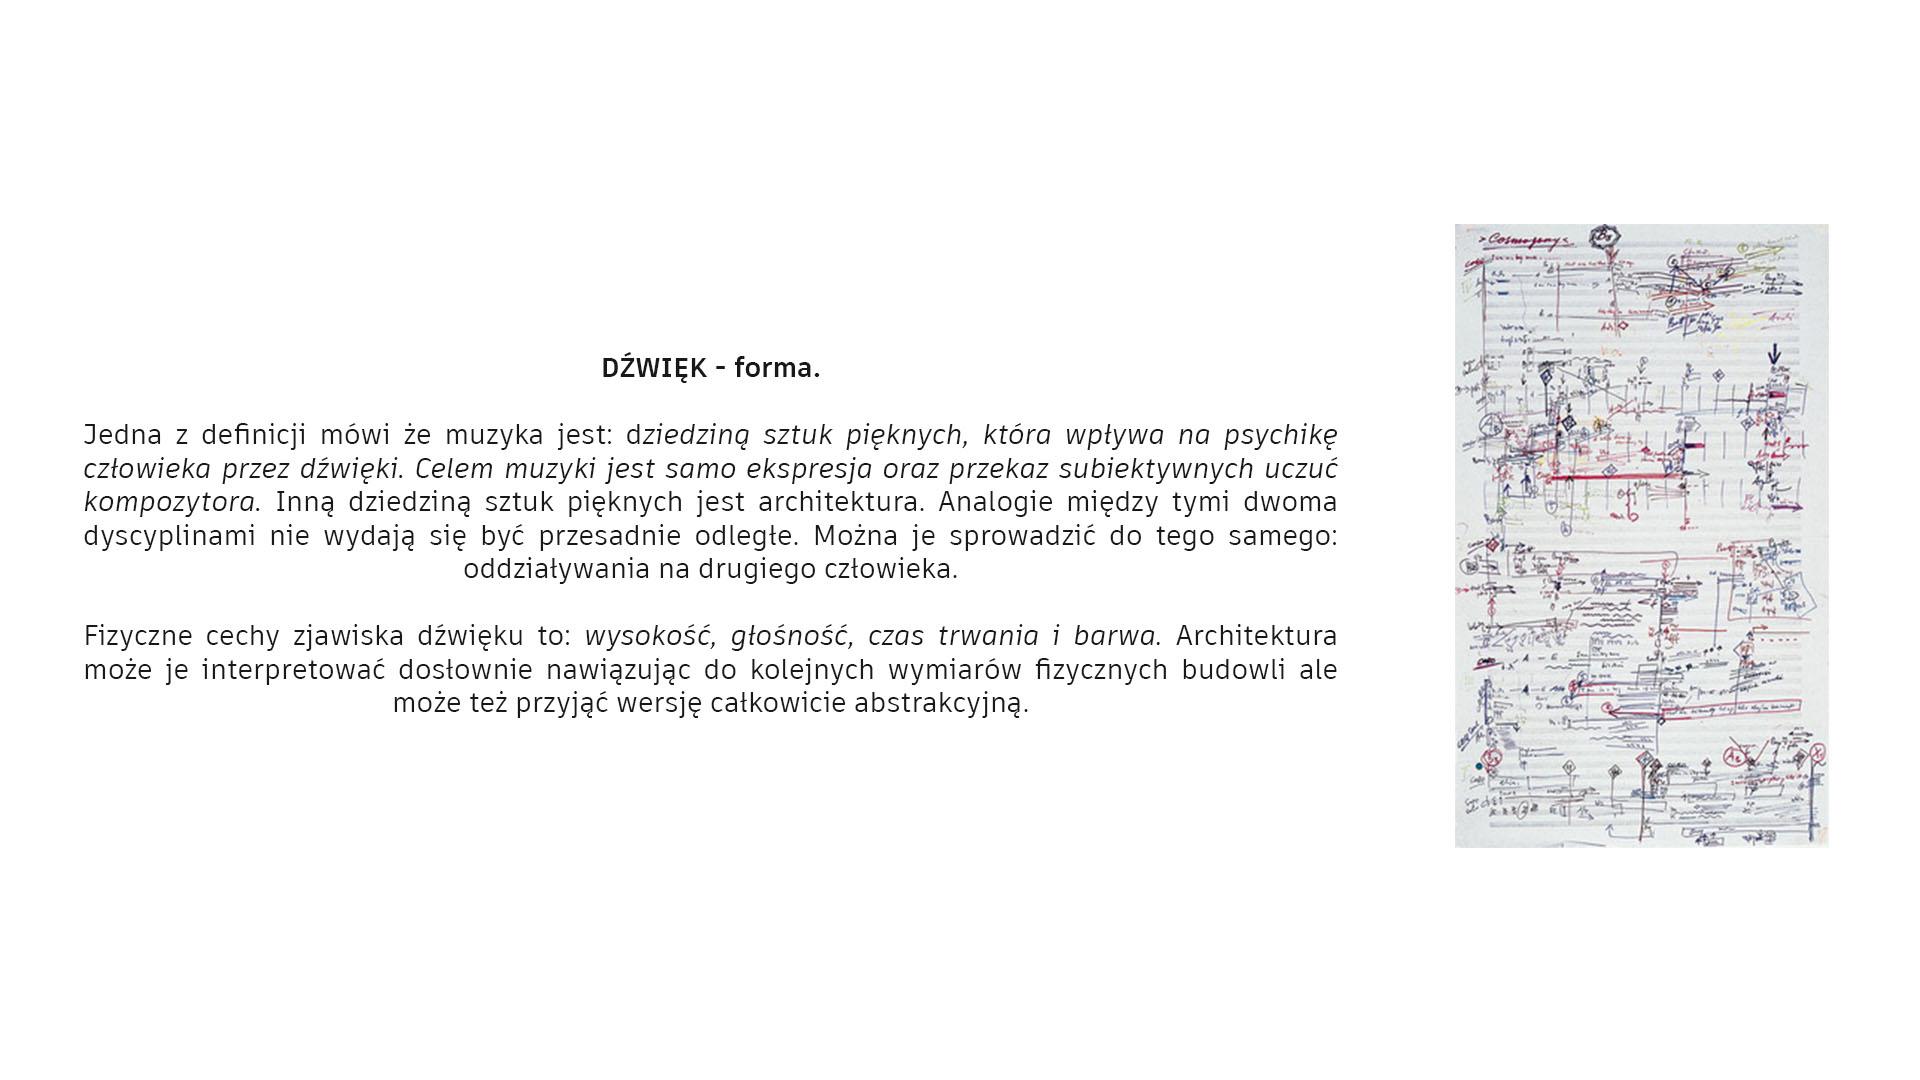 Dom Fortepian - dźwięk - forma